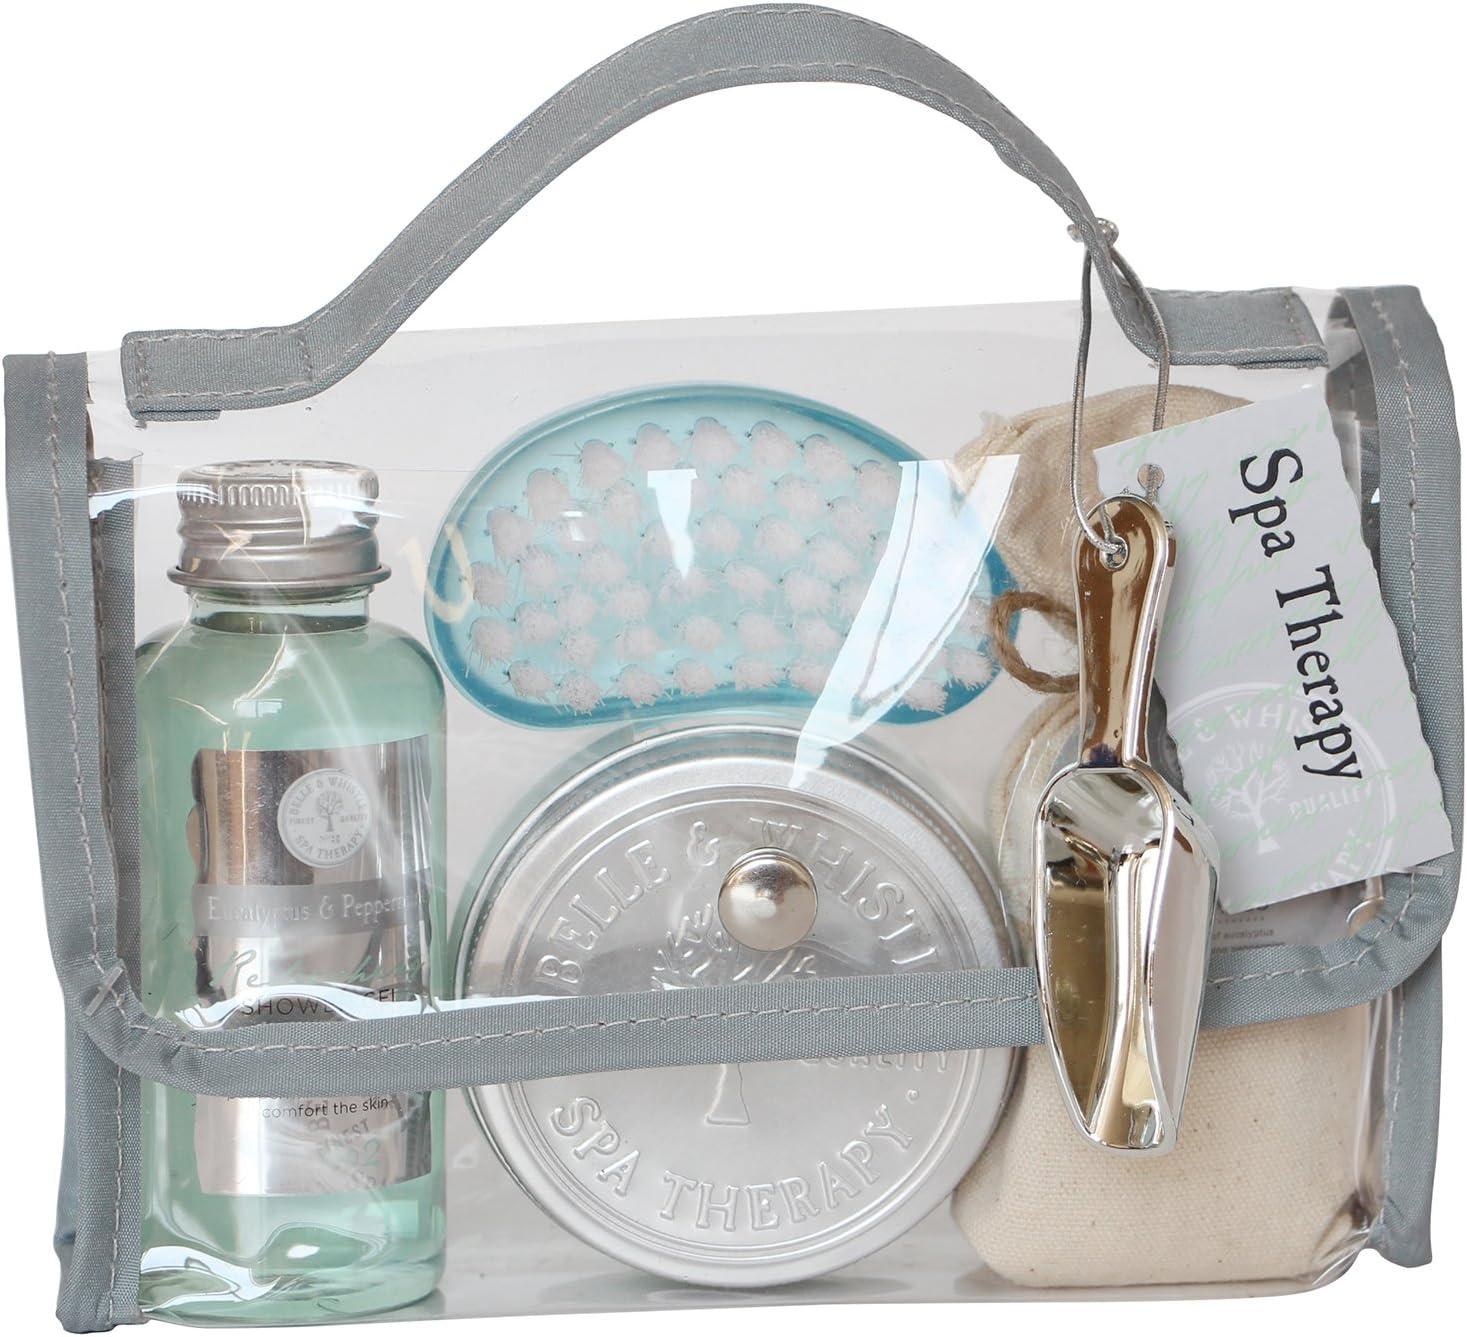 Gloss - caja de baño, caja de regalo para mujeres - Estuche de Baño Regalo - Spa Therapy - Eucalyptus: Amazon.es: Belleza